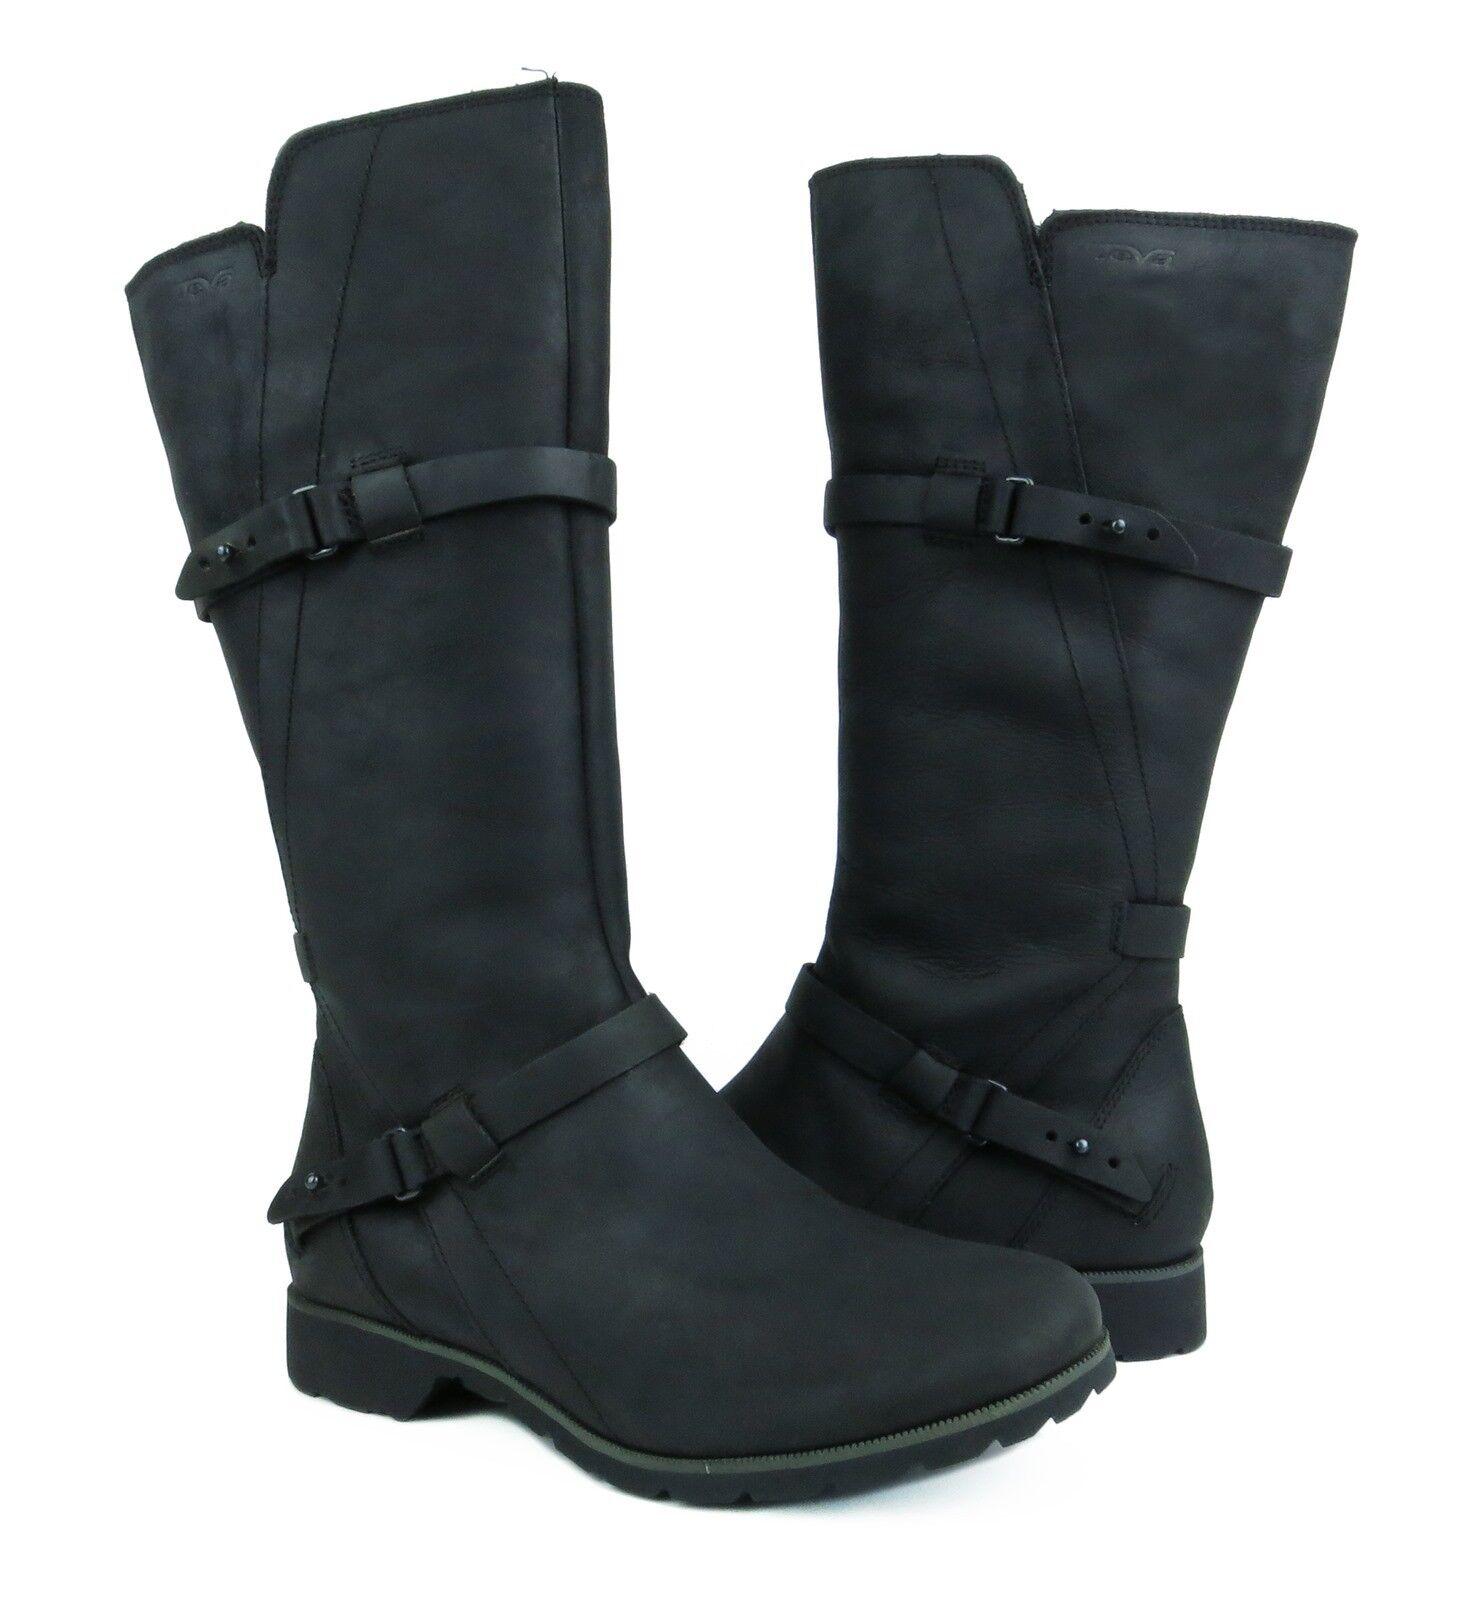 molte sorprese Teva De La Vina Tall nero Leather stivali stivali stivali donna Dimensione 7.5 NIB  outlet online